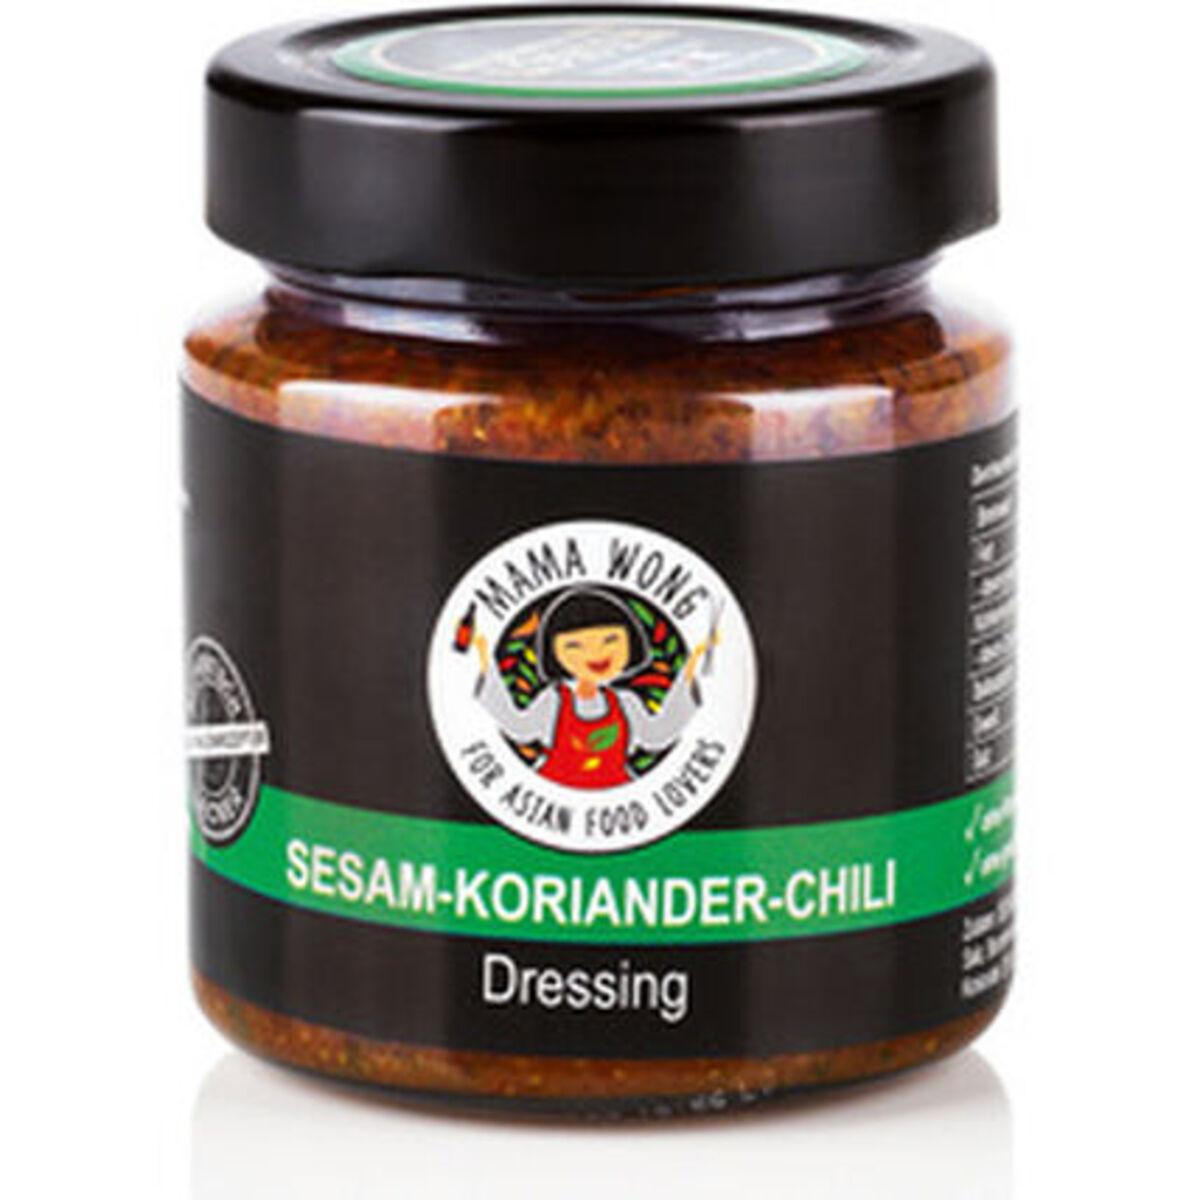 Bild 1 von Mama Wong Dressing Sesam-Koriander-Chili, 200 ml